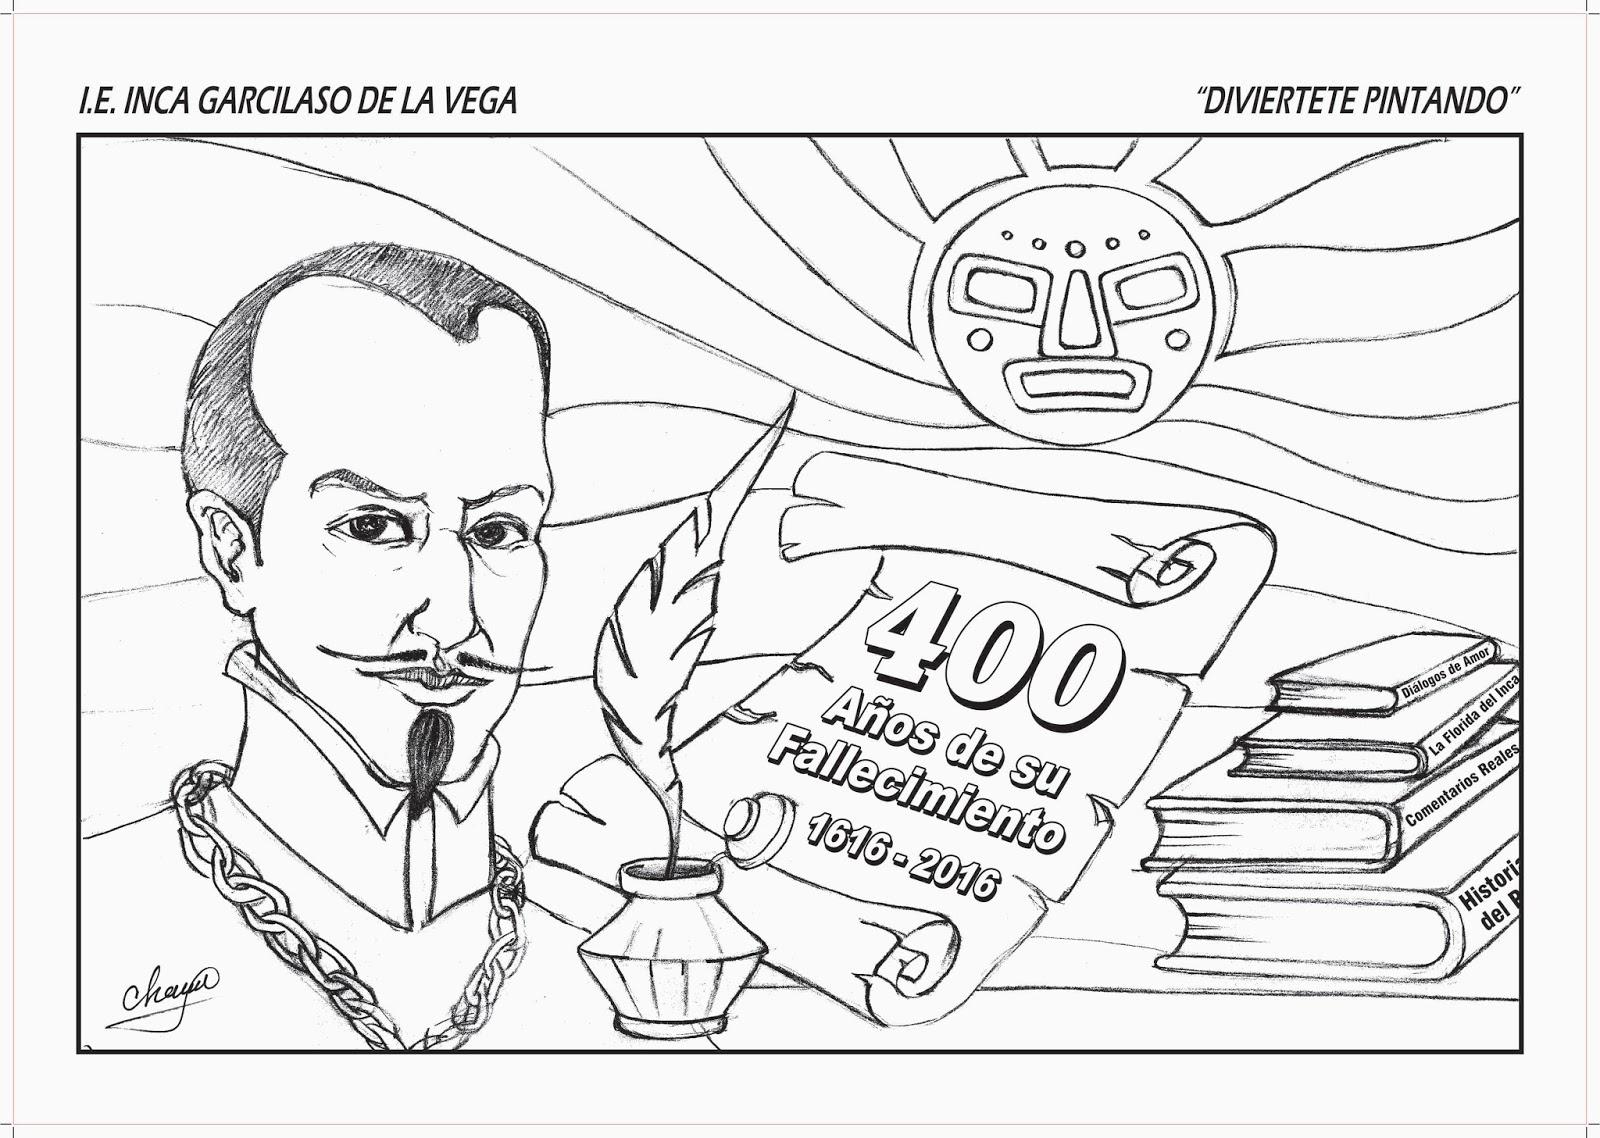 Arte y las tics Roxany Salinas Villanueva: Inca Garcilaso de la Vega ...